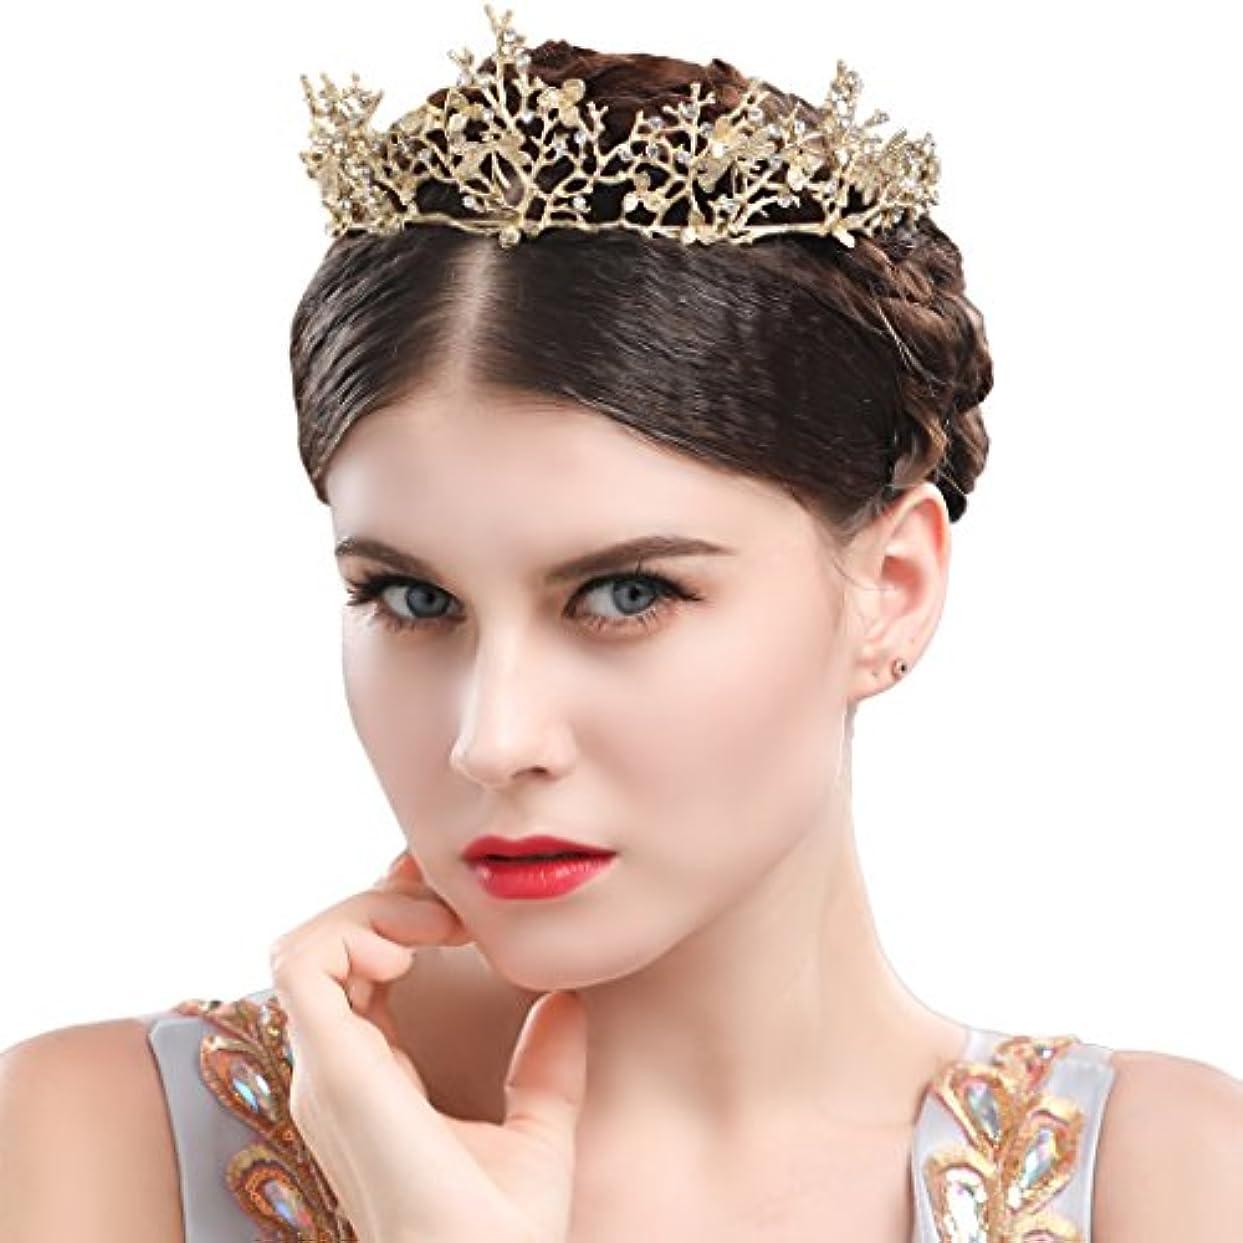 手荷物資格情報ハンドブックYeanティアラ 王冠 おうかん クラウン ヘアアクセサリー ゴールド レディース ガールズ 女性 プリンセス 結婚式 ウェディング 花嫁 披露宴 パーティー (Color-05)